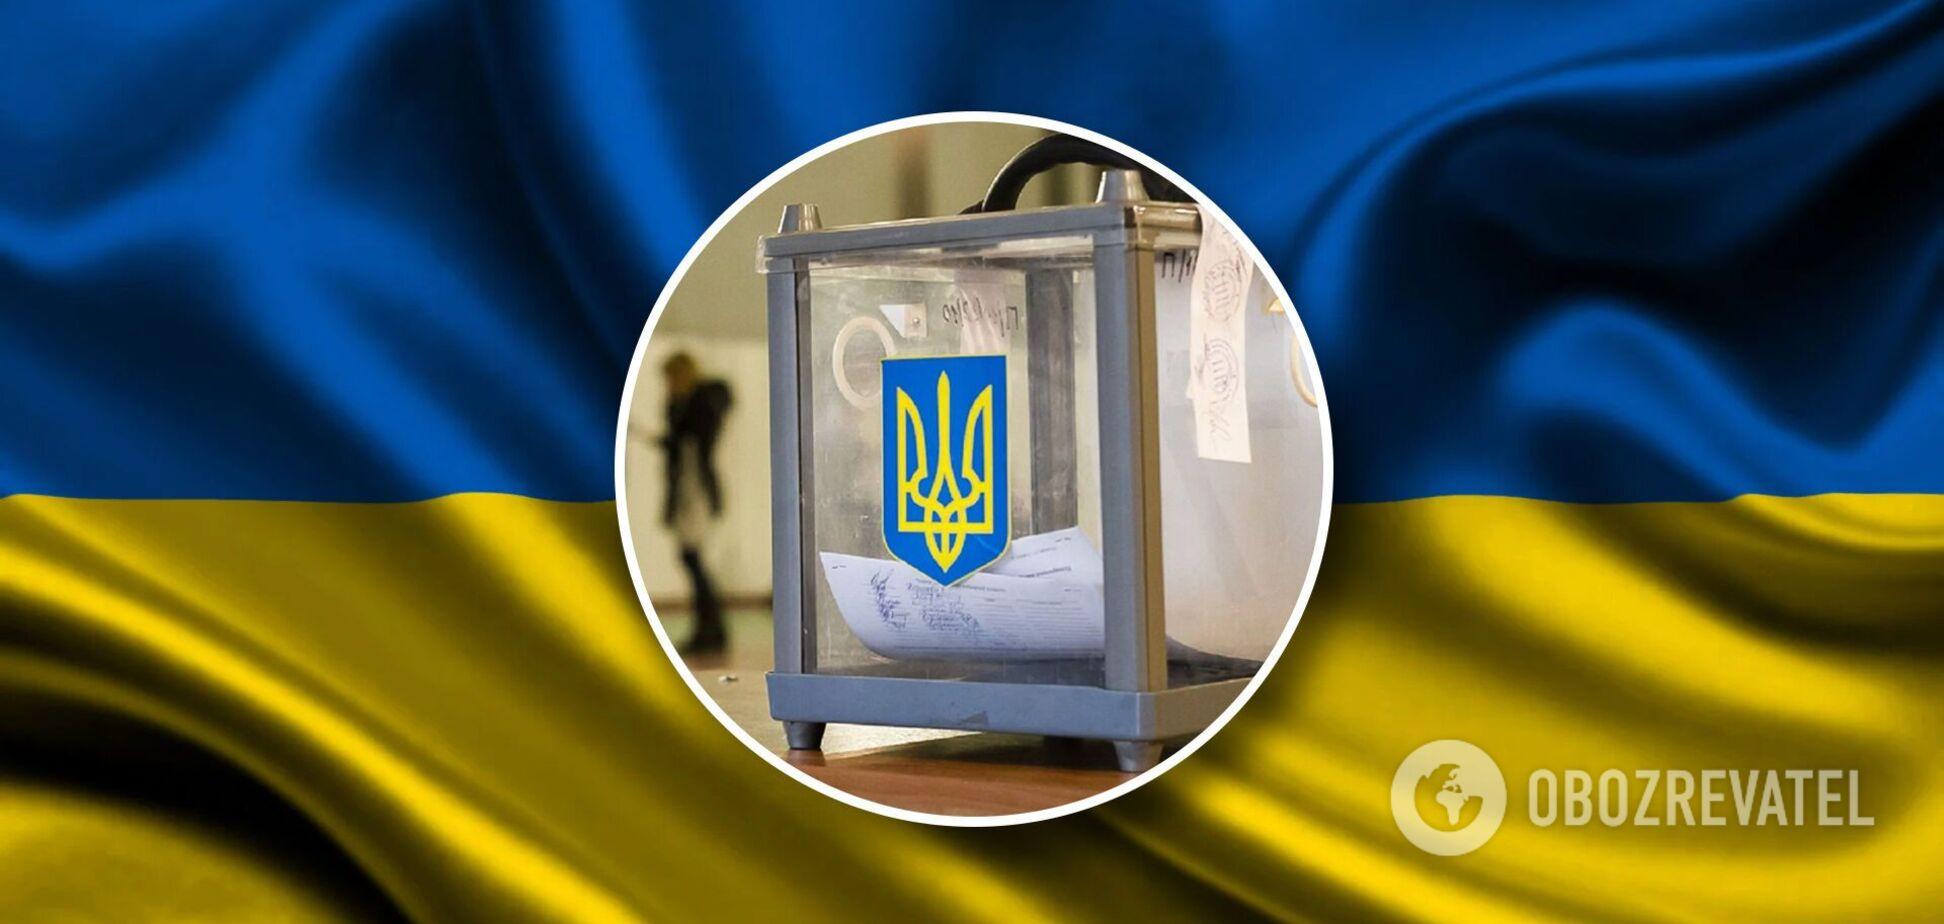 Трансгендер и заключенный-рецидивист: самые необычные кандидаты на местных выборах-2020 в Украине